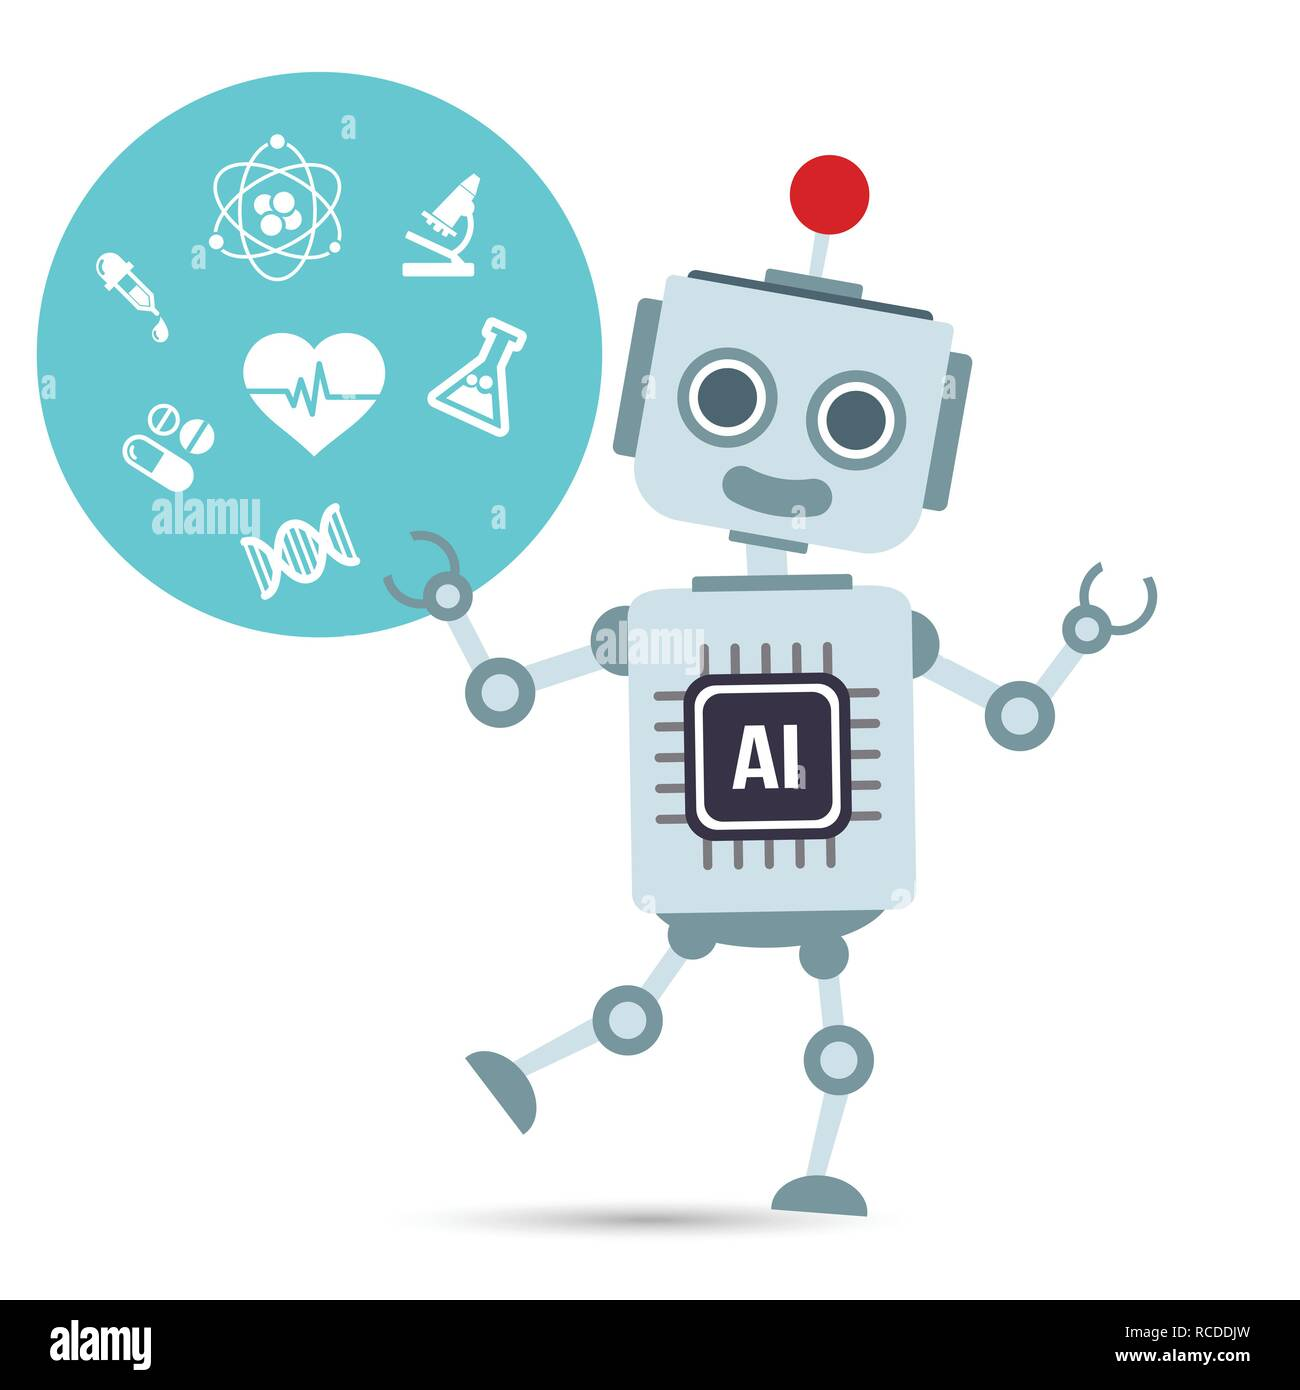 AI Inteligencia artificial tecnología robot con elemento médico ilustración vectorial EPS10 Ilustración del Vector